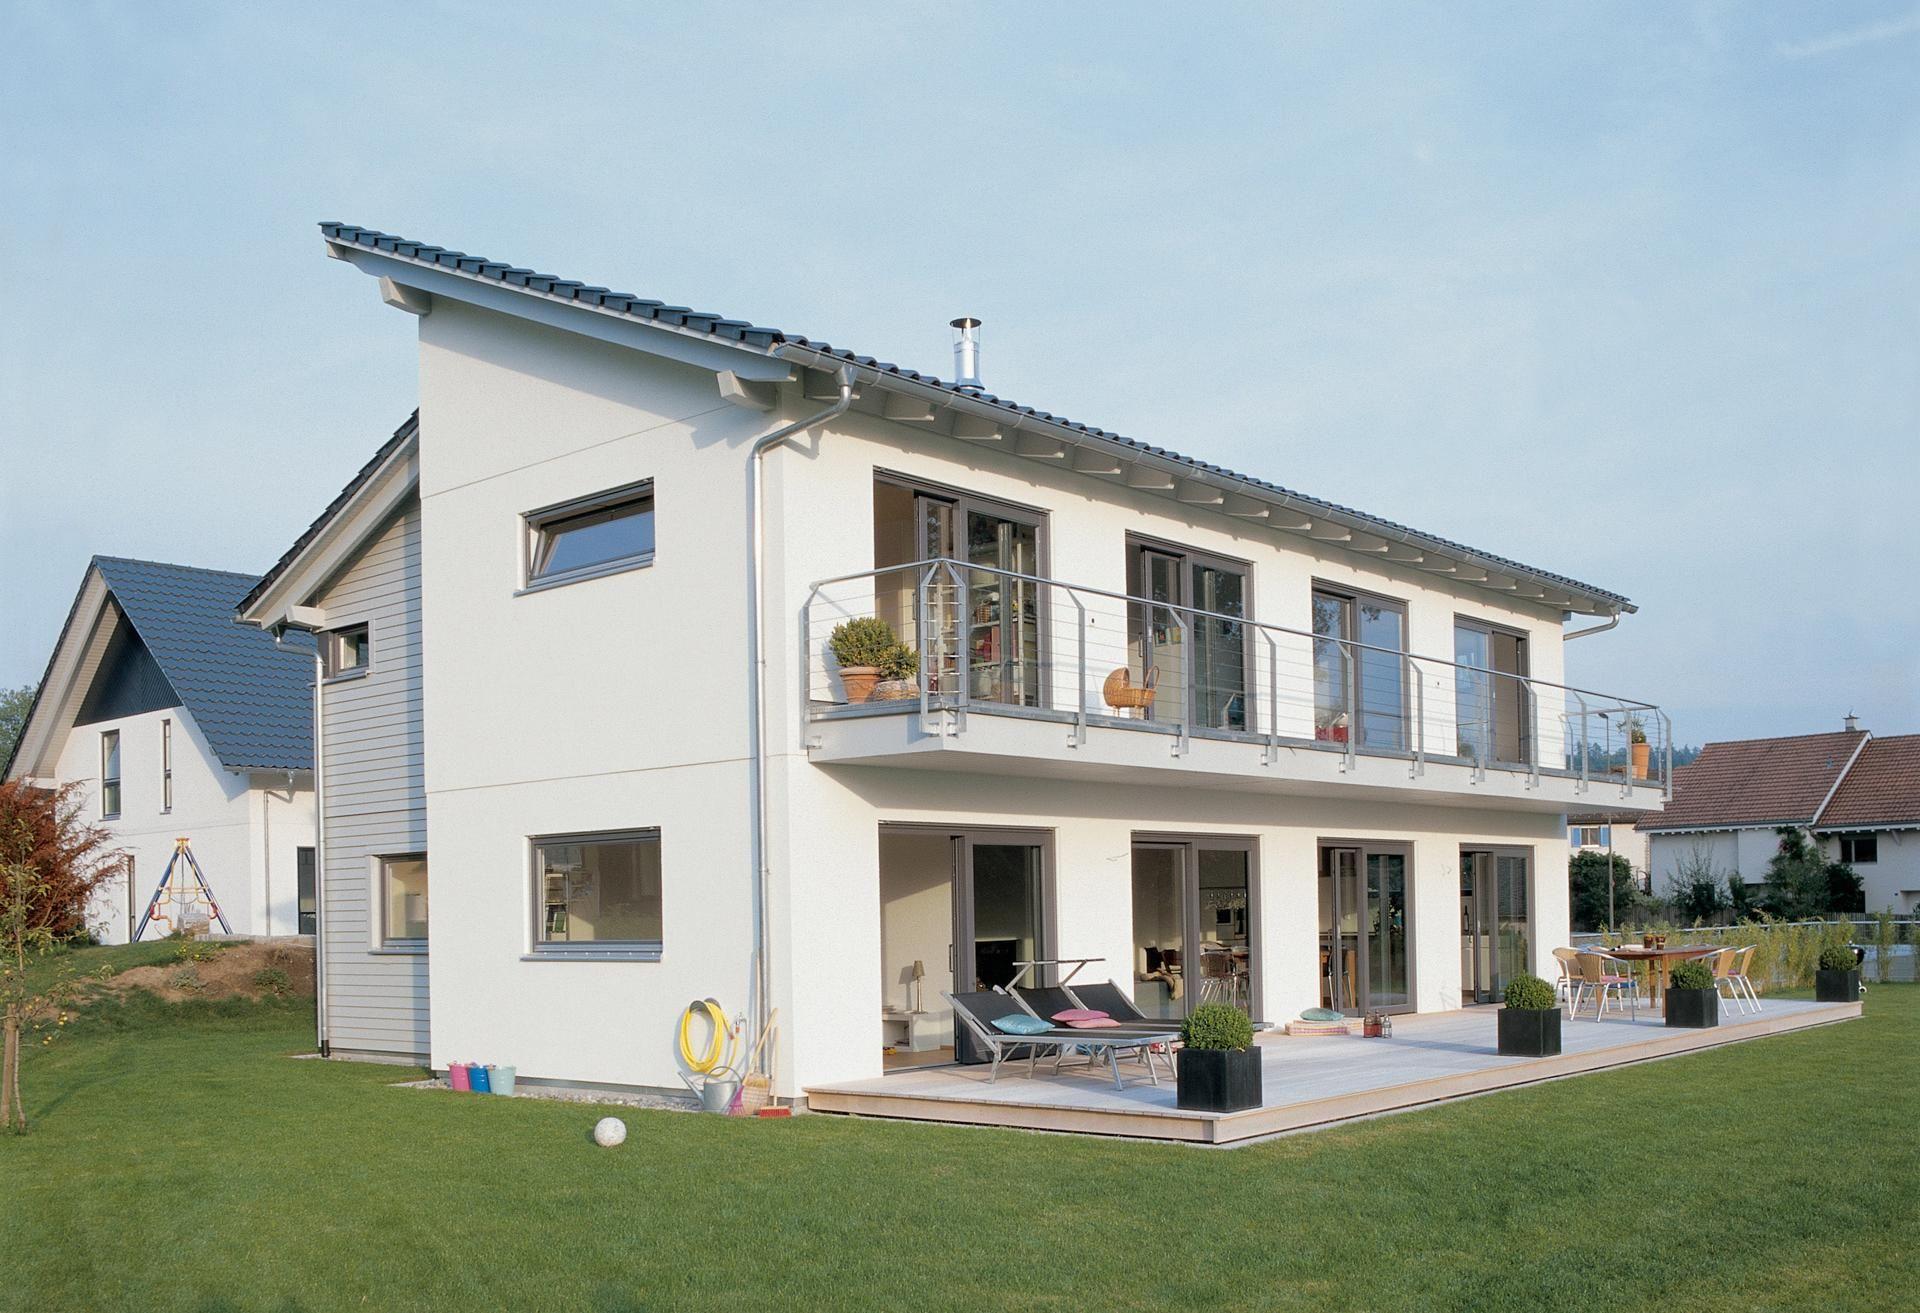 Fertighaus mit 200 qm Wohnfläche Schwörer haus, Haus und